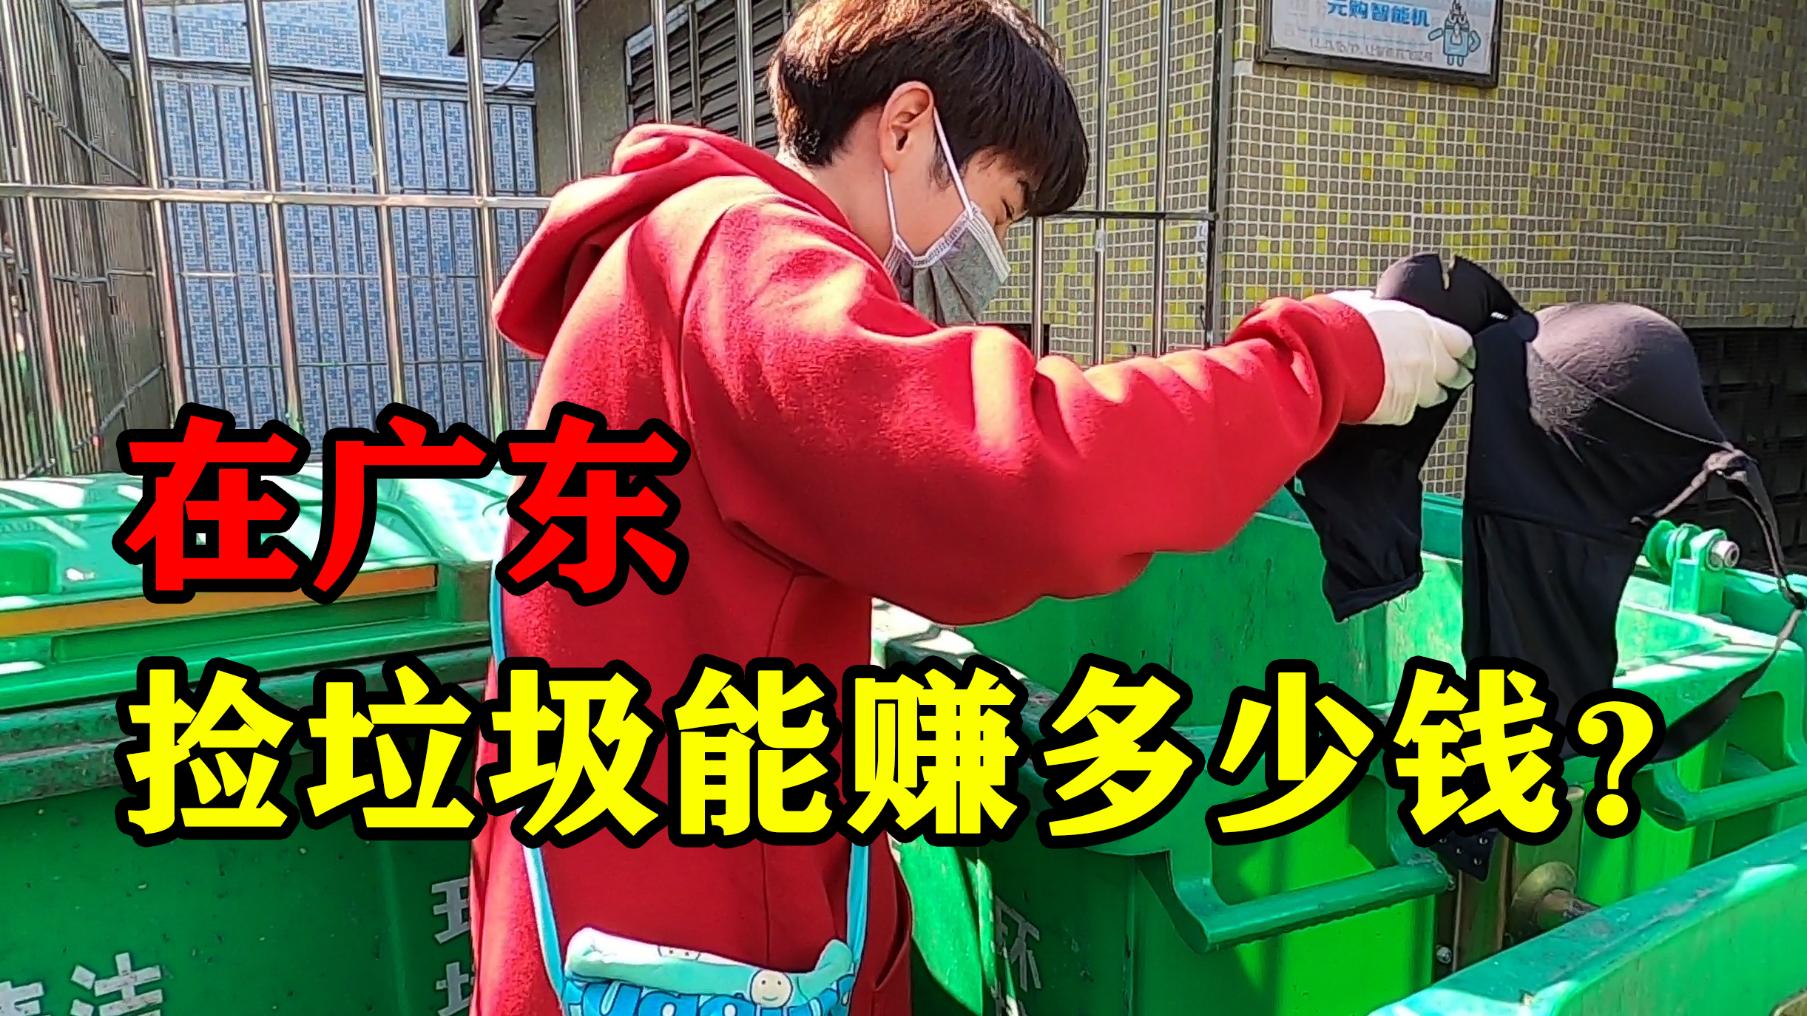 在广东捡垃圾能月入上万吗?小伙挑战捡一天垃圾能赚多少钱!